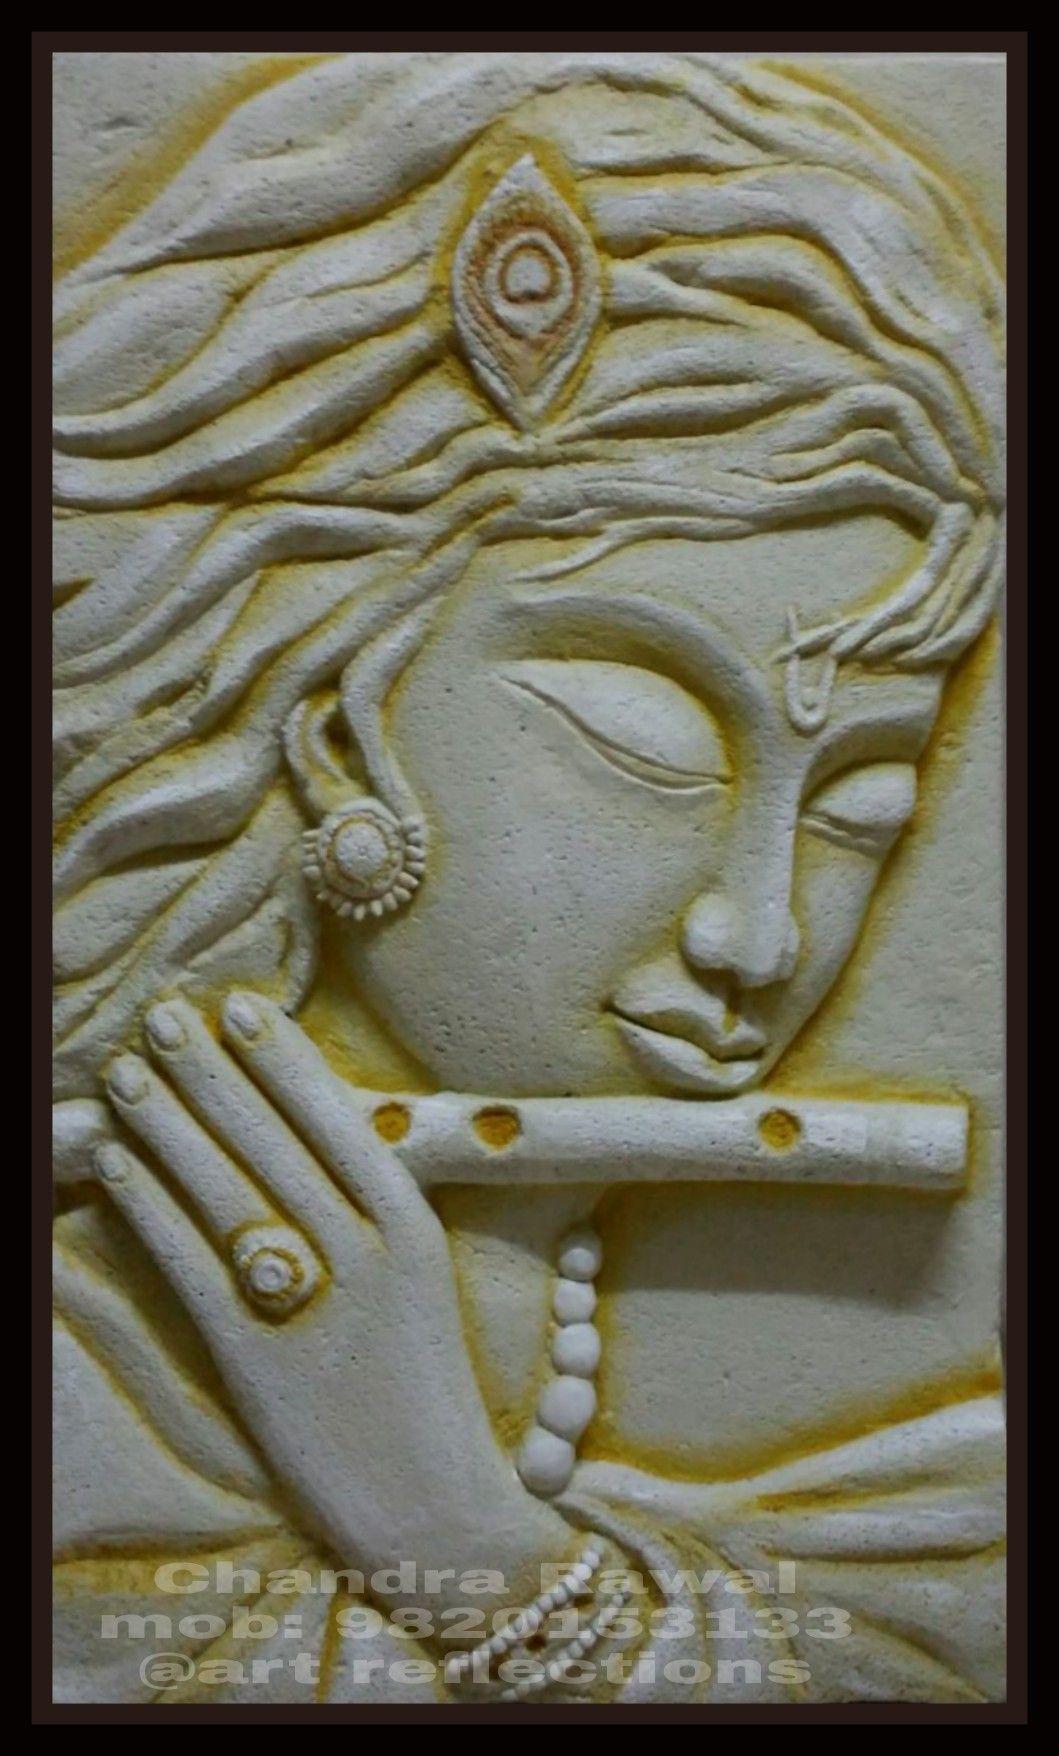 krishna siporex 3d mural siporex 3d murals pinterest